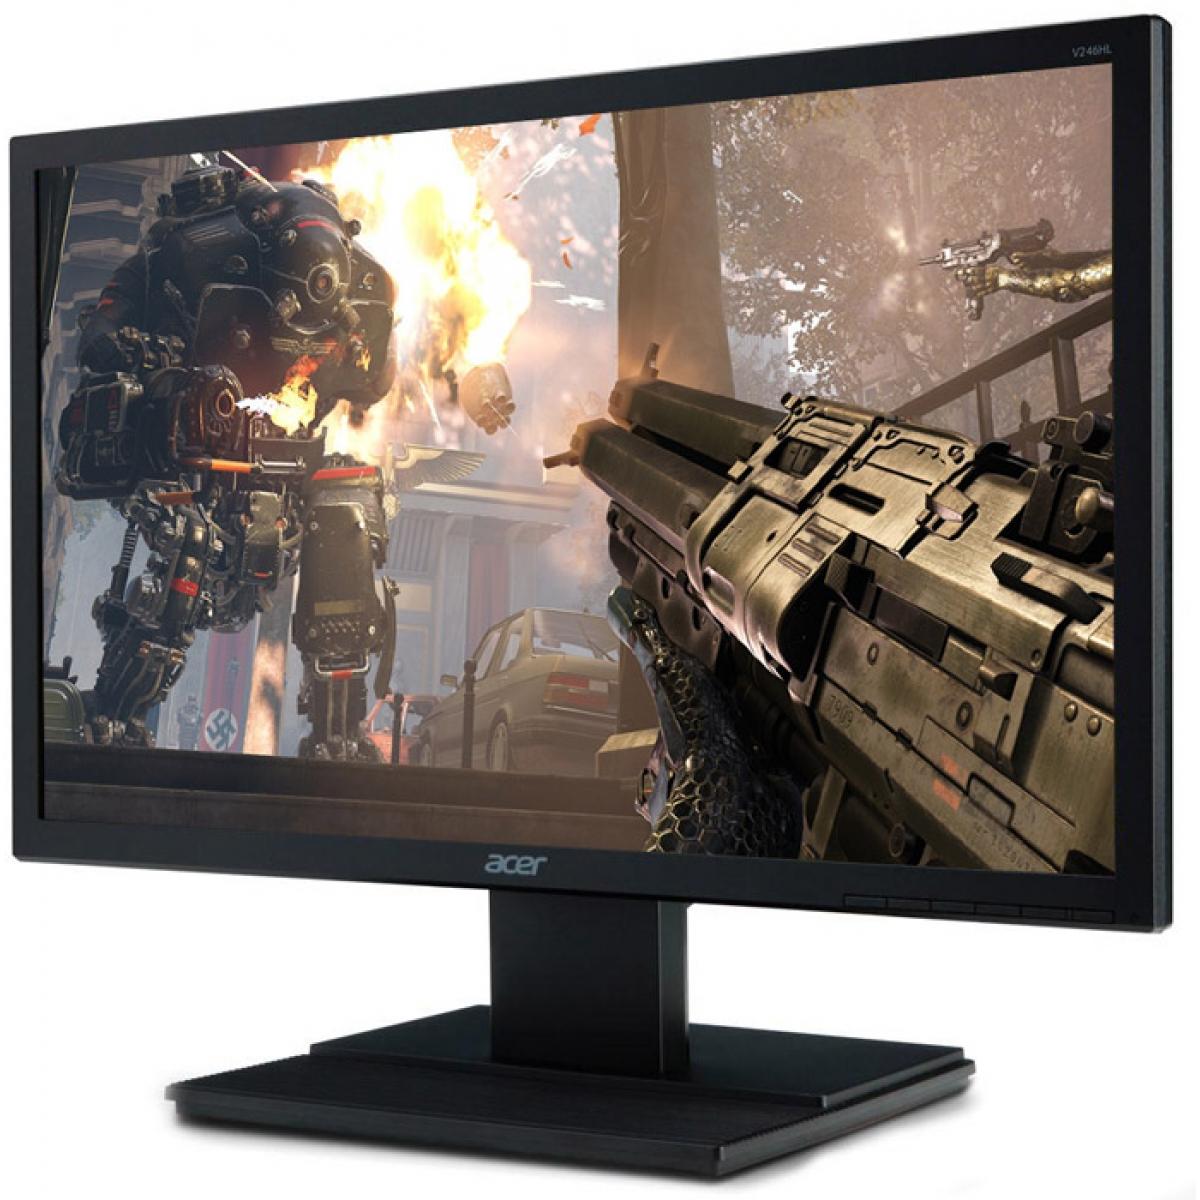 Monitor Gamer Acer 23.6 Pol, Full HD, HDMI-VGA, V246HL